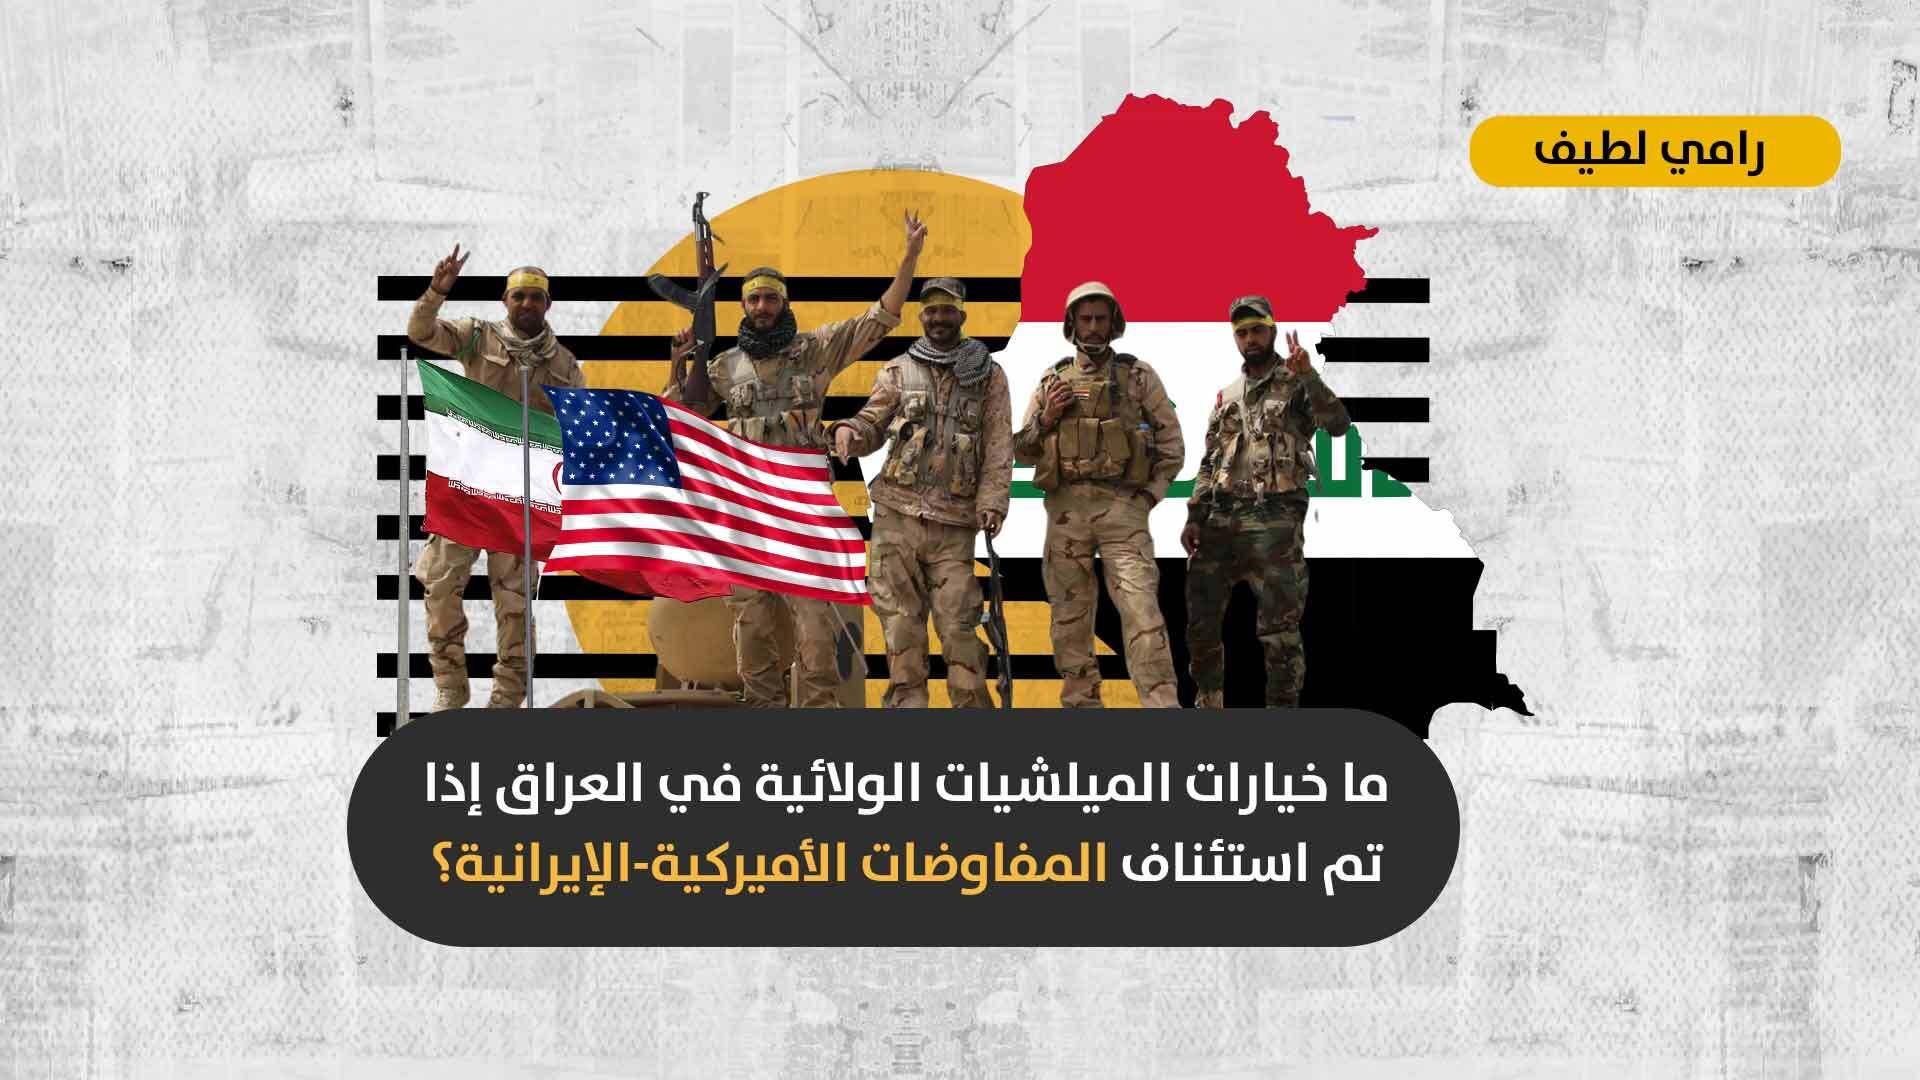 مع احتمال عودة المفاوضات الأميركية-الإيرانية: هل ما زالت الميلشيات الولائية العراقية خاضعة فعلاً لسيطرة طهران؟